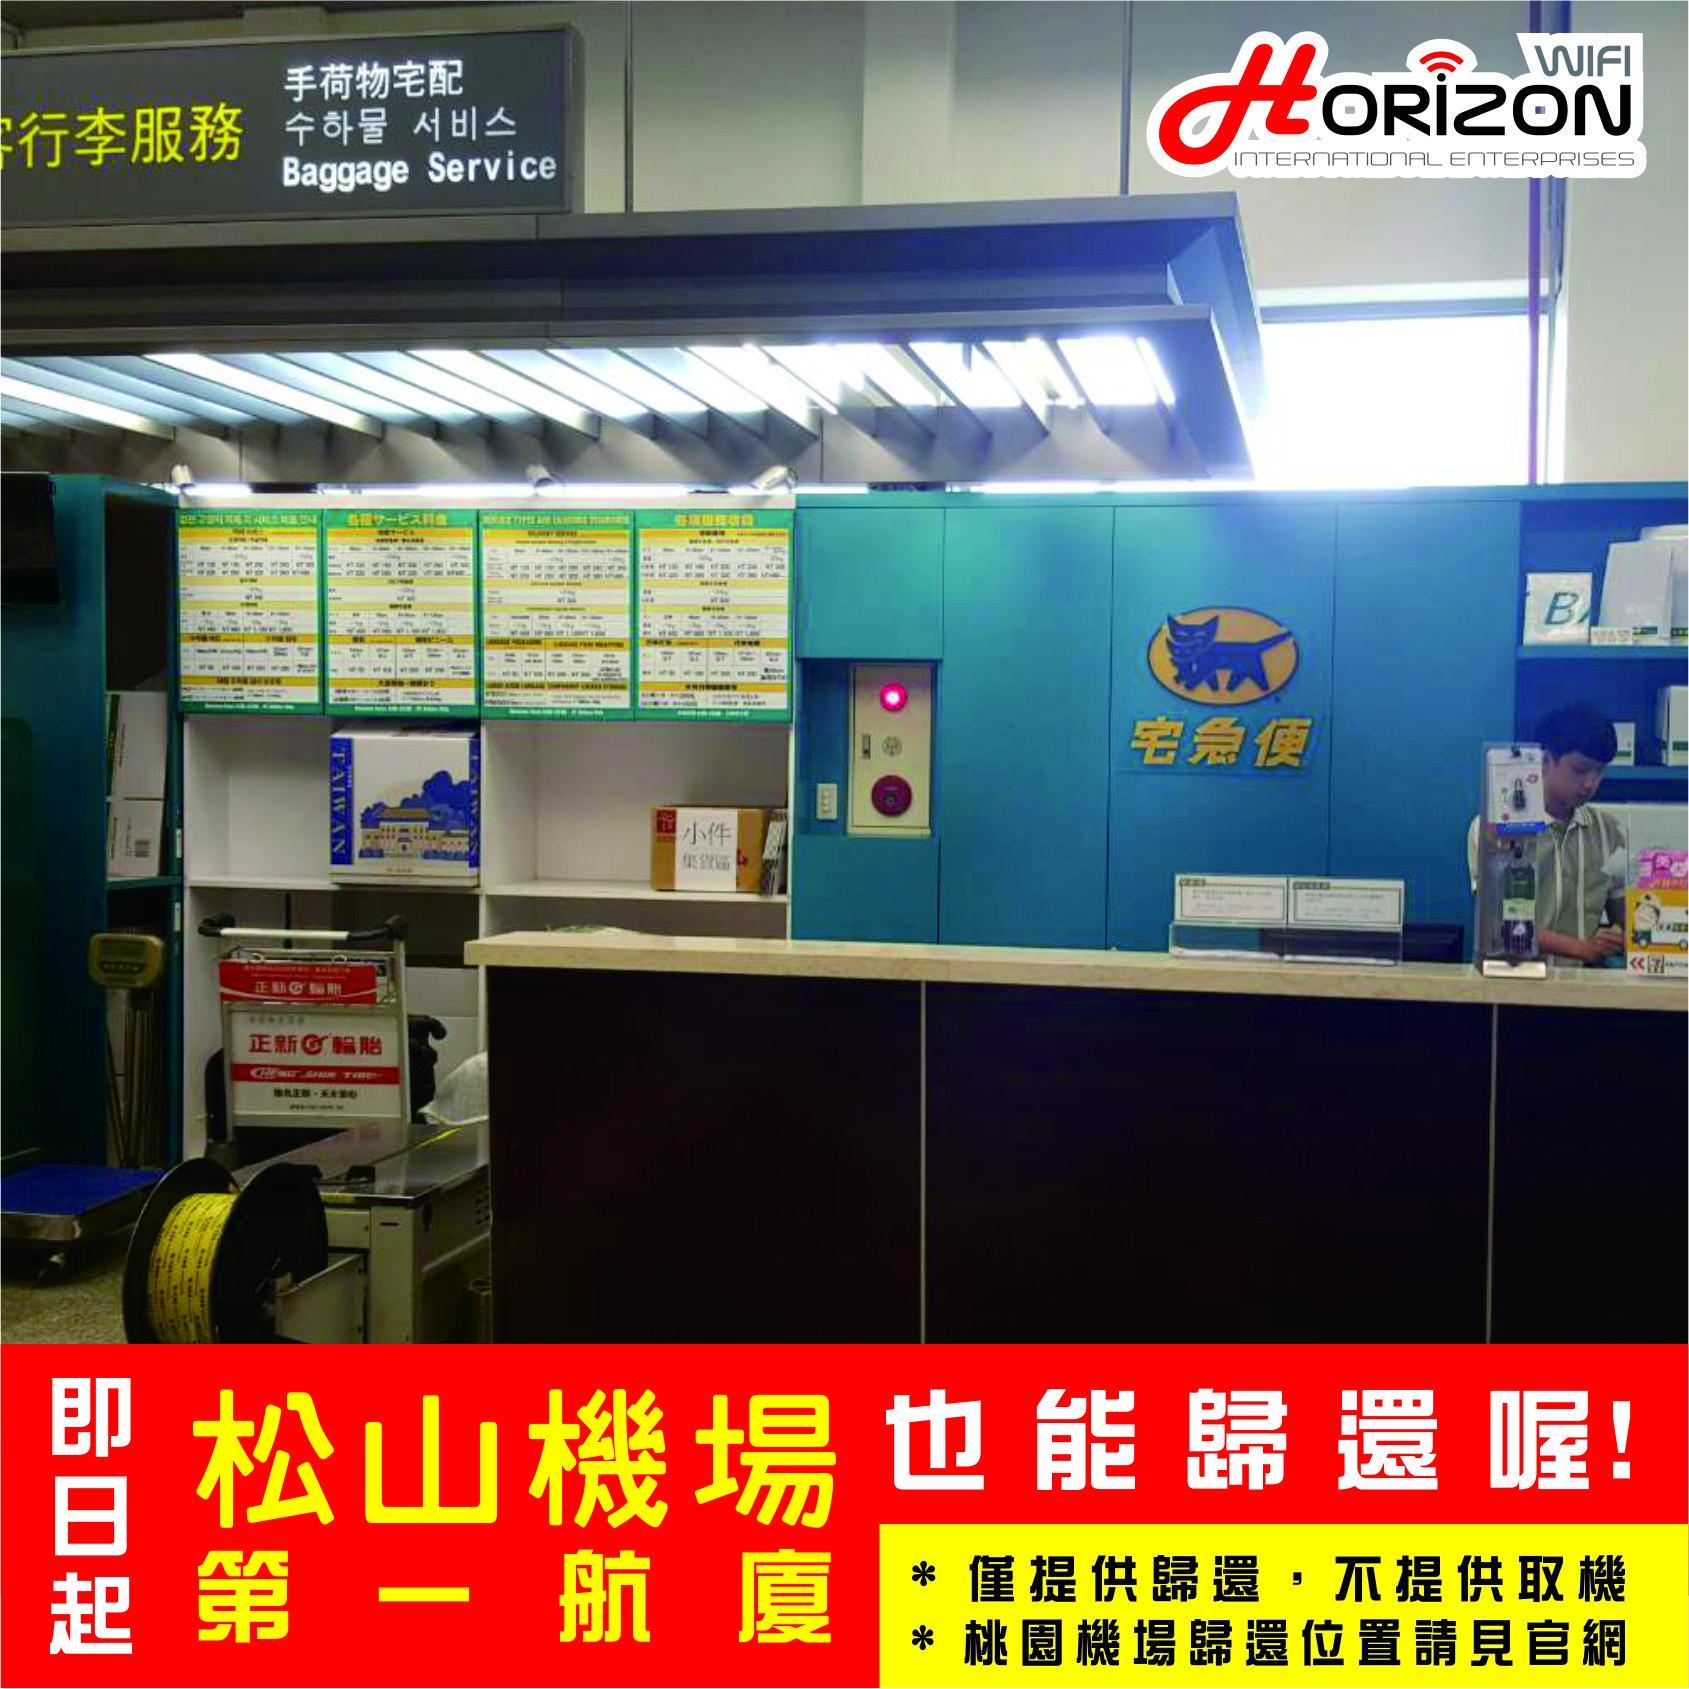 松山機場反卻FB-banner